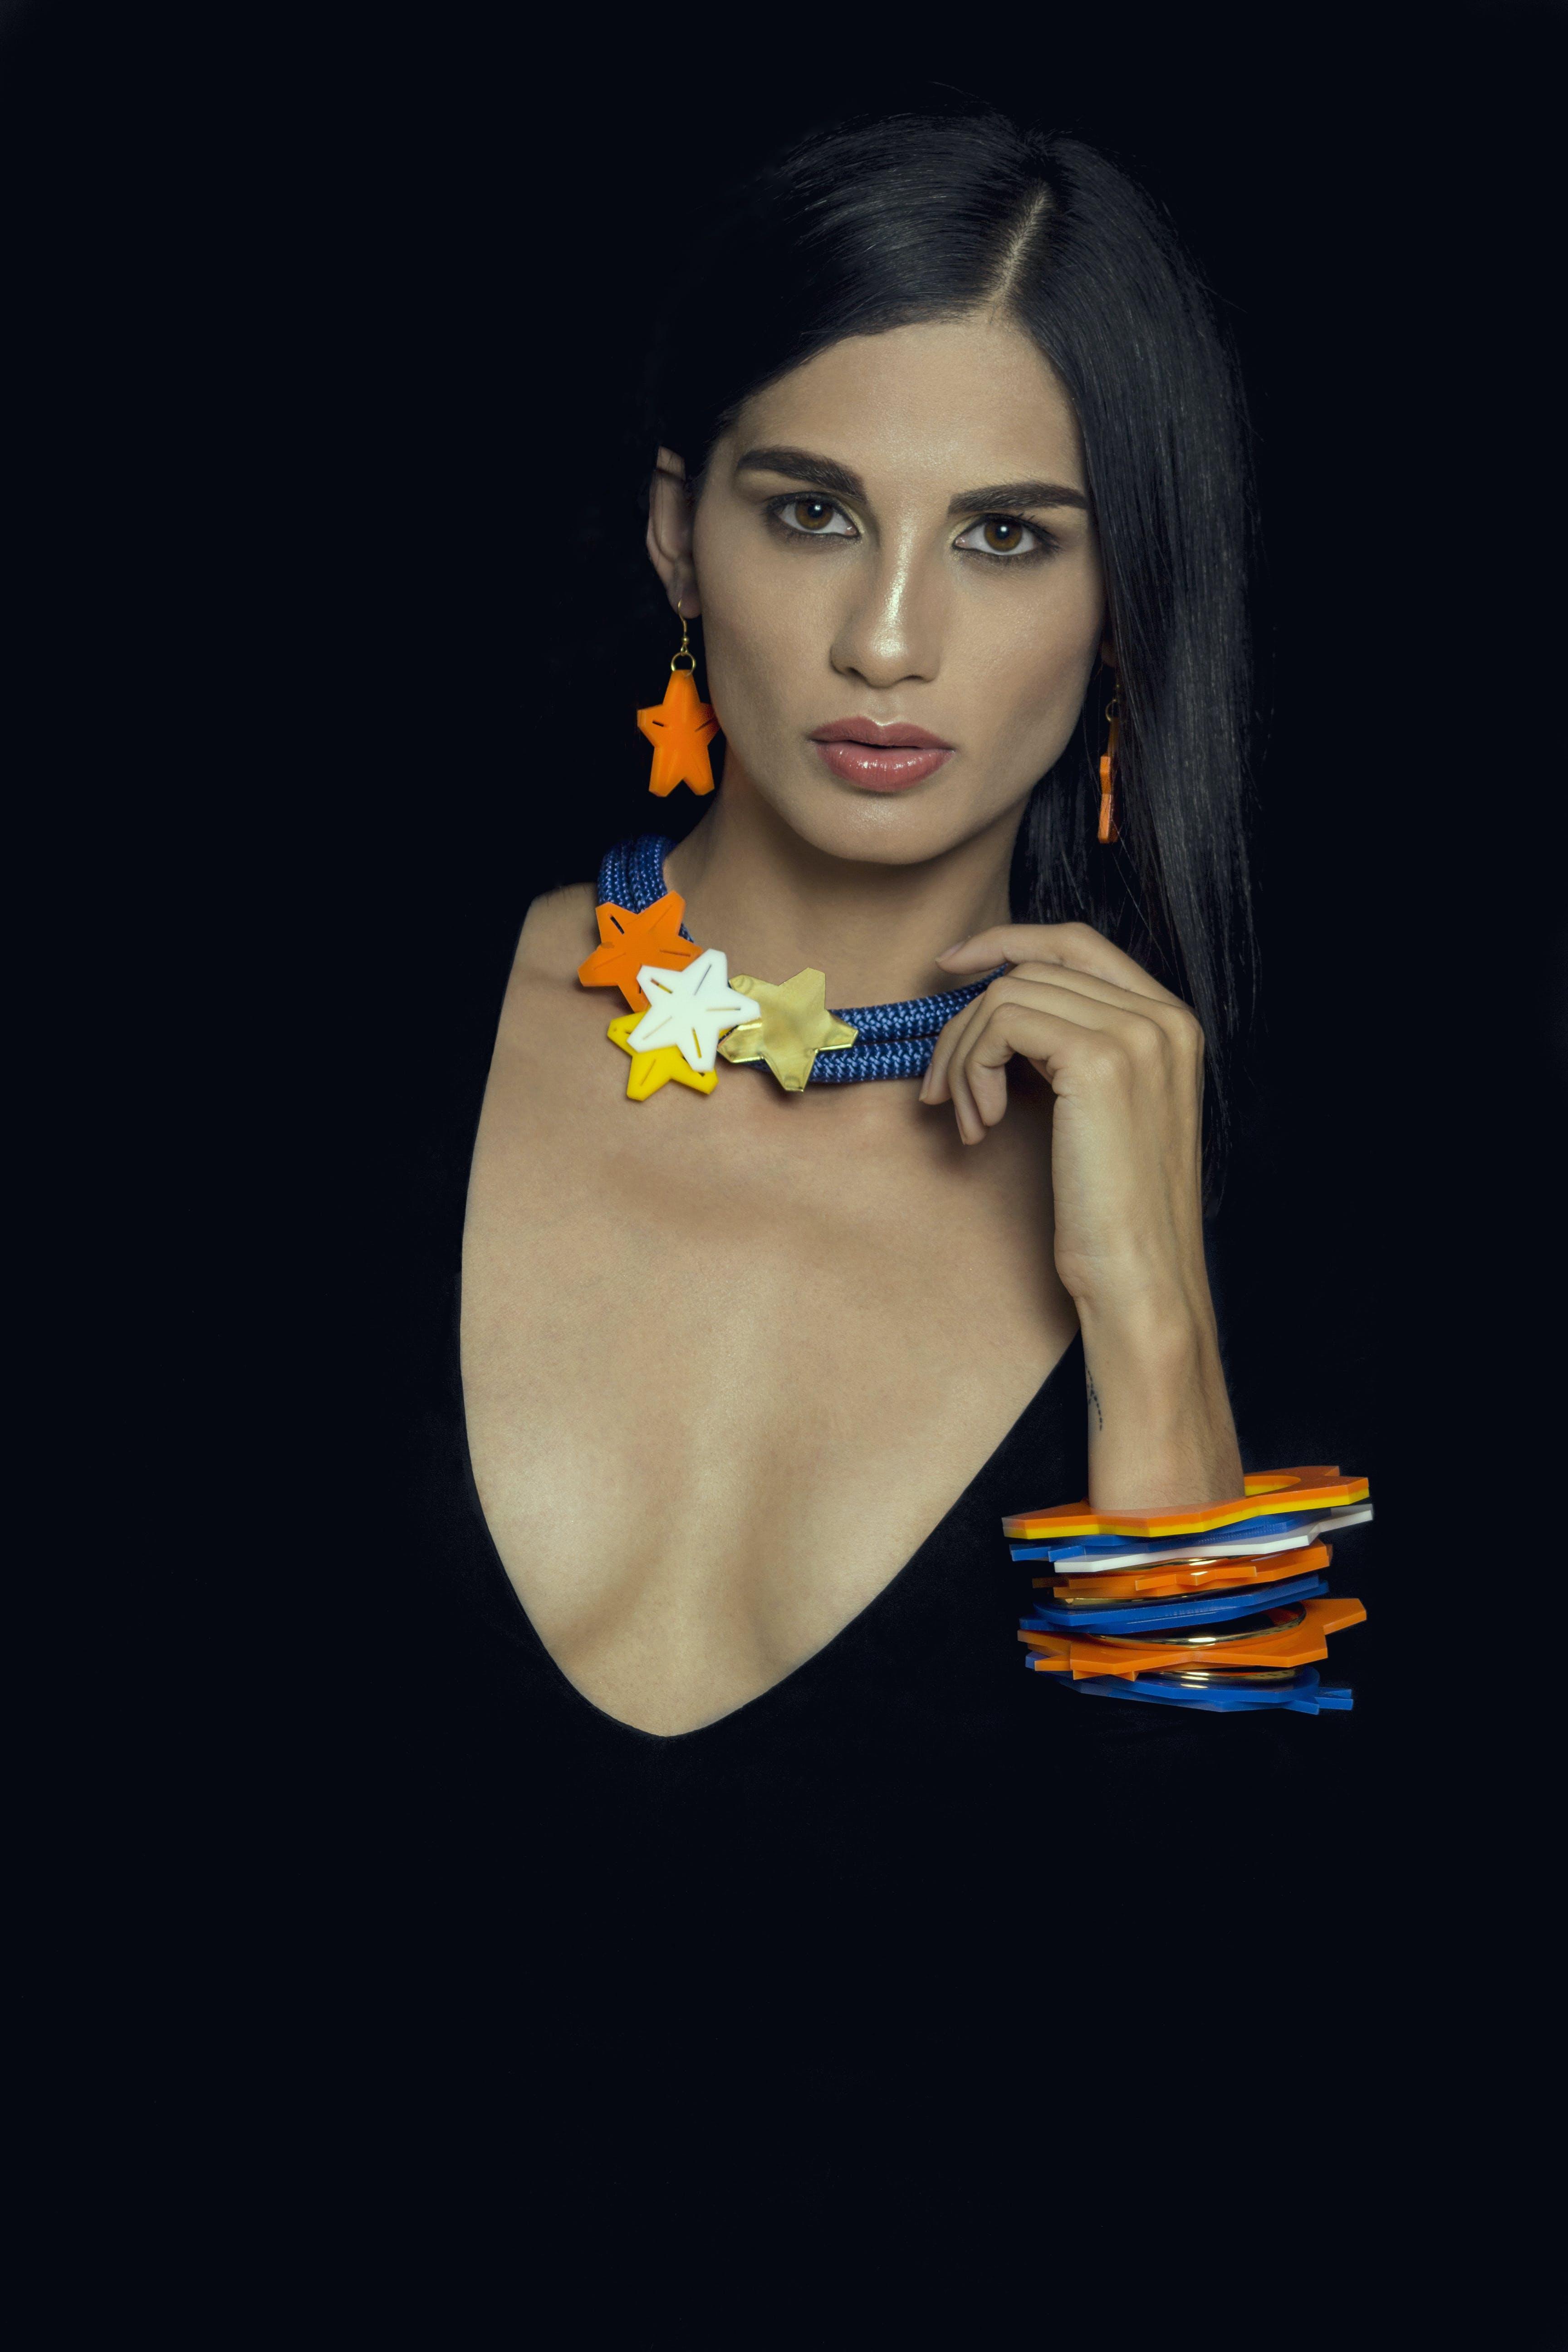 Kostenloses Stock Foto zu armbänder, attraktiv, augen, bunt